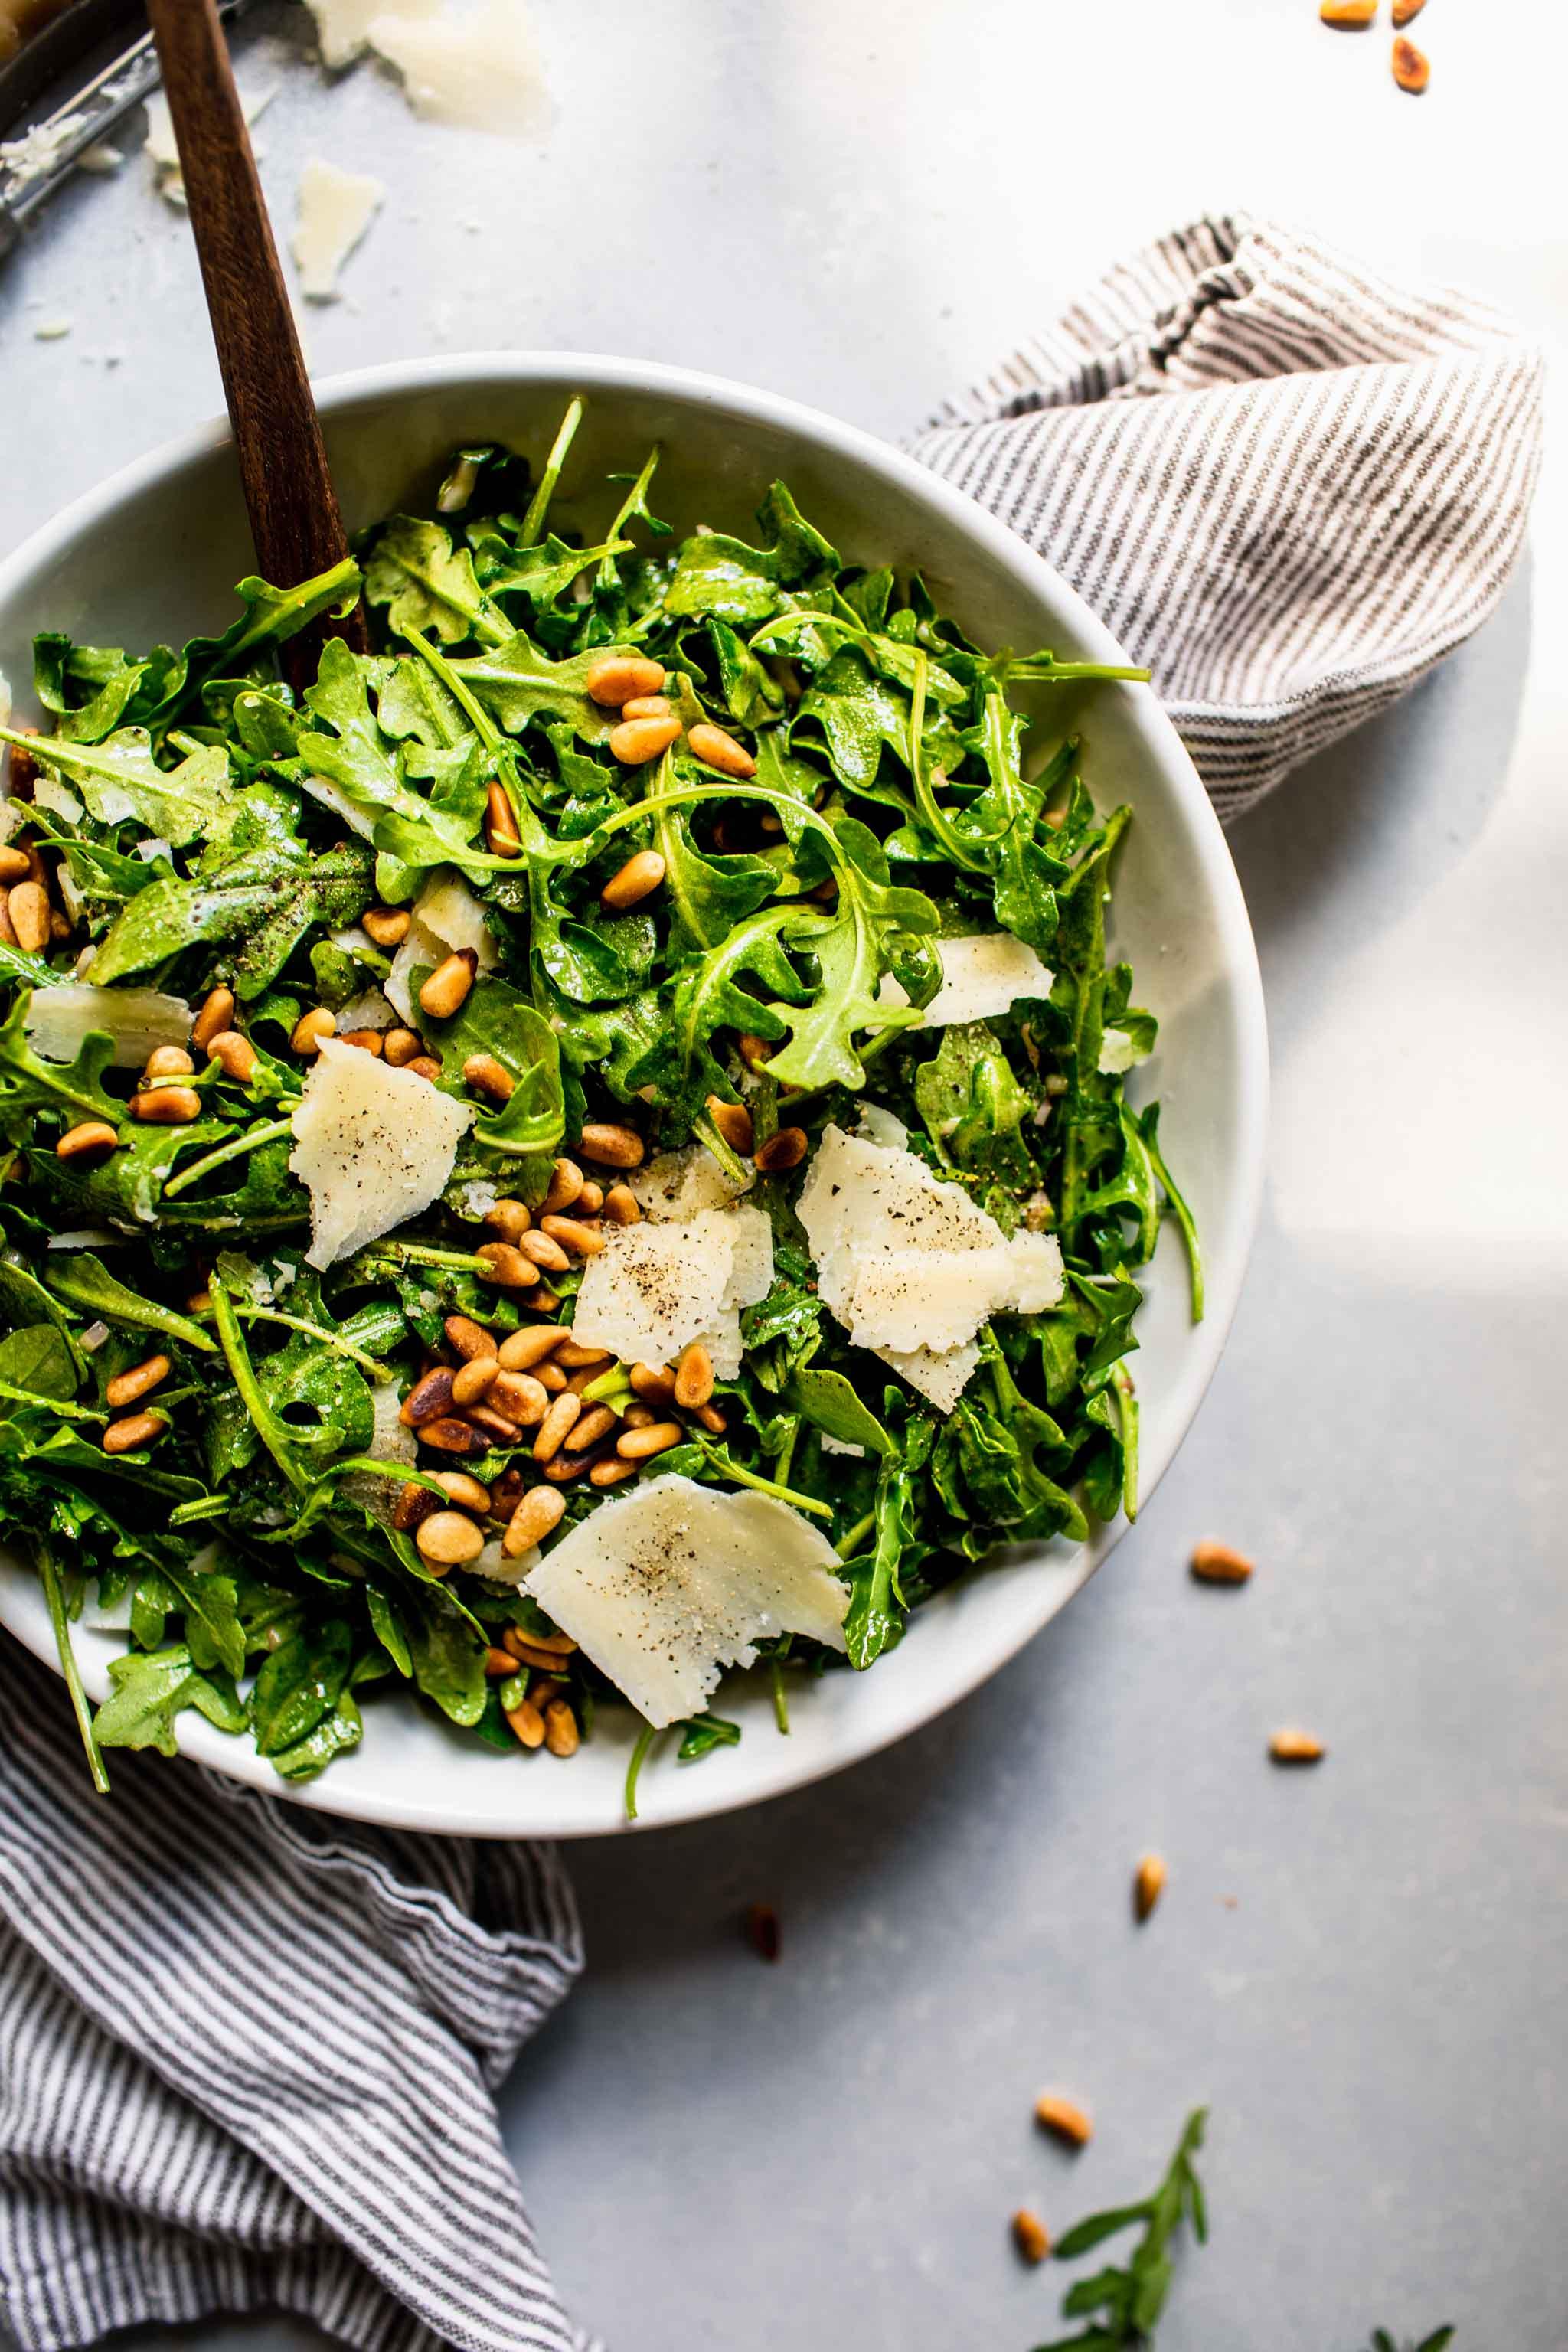 Arugula Salad Recipe With Red Wine Vinaigrette Easy Delicious